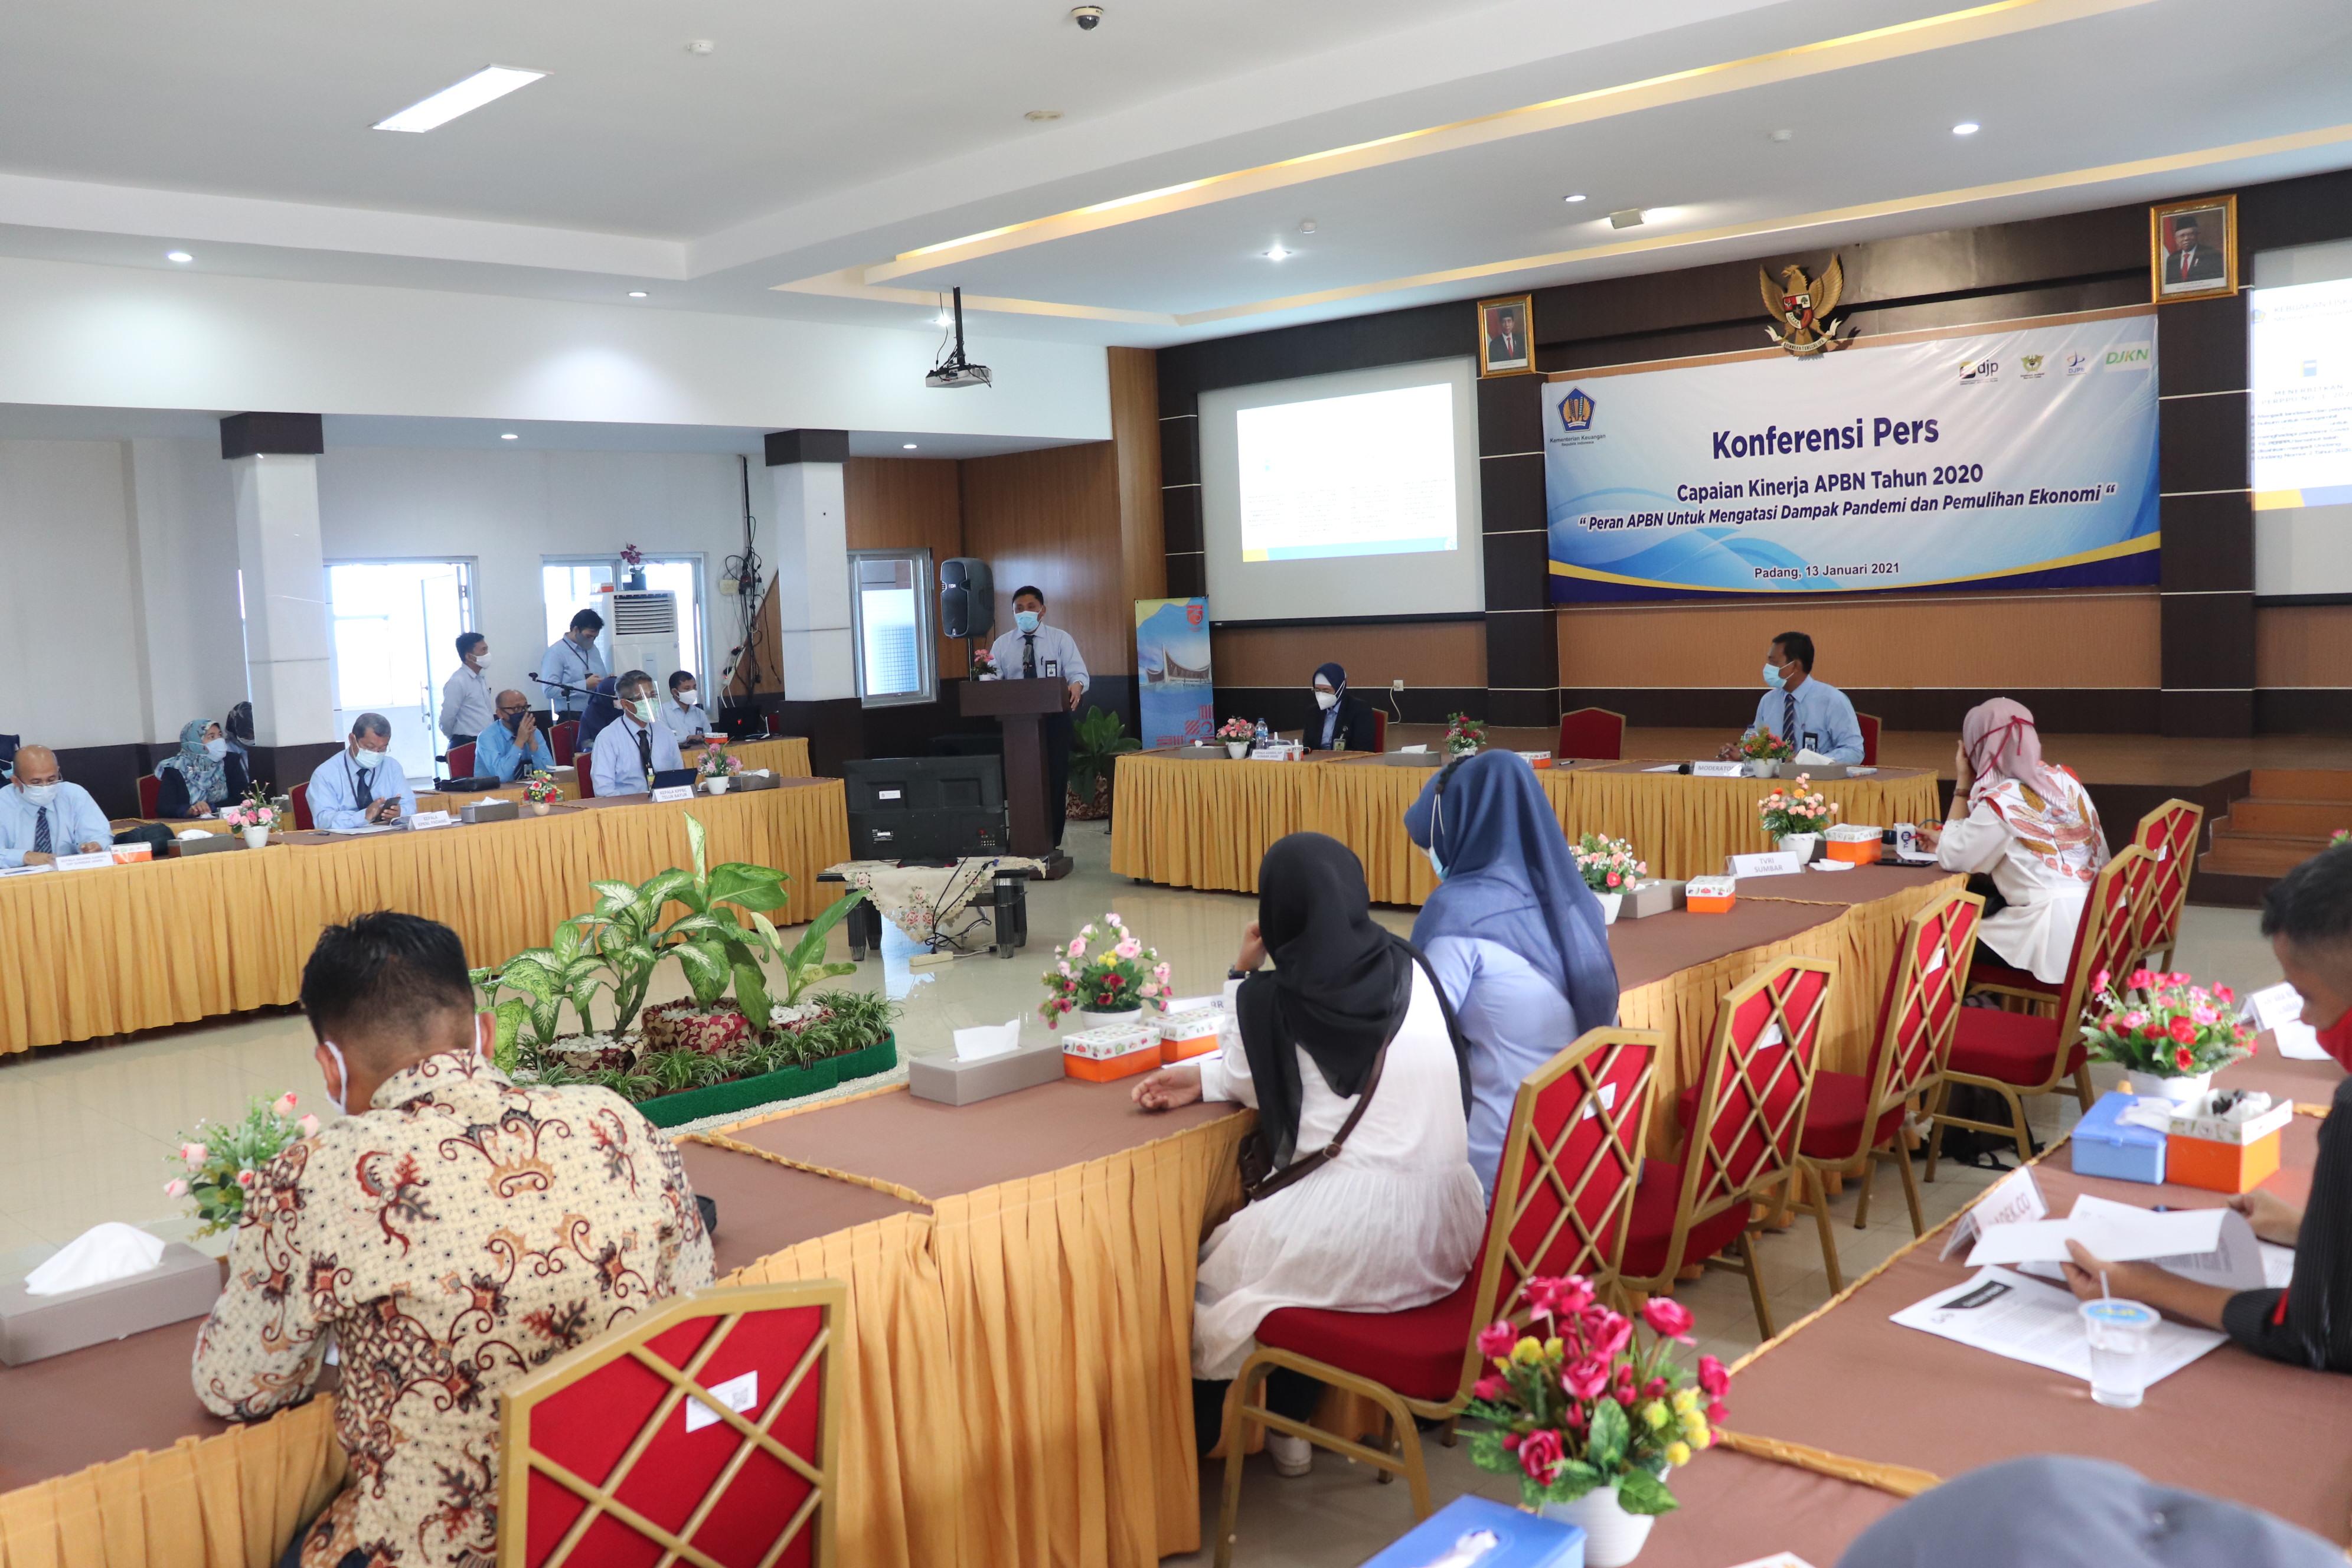 Sinergi, Kemenkeu Sumatera Barat Menyelenggarakan Konferensi Pers Capaian Kinerja APBN 2020